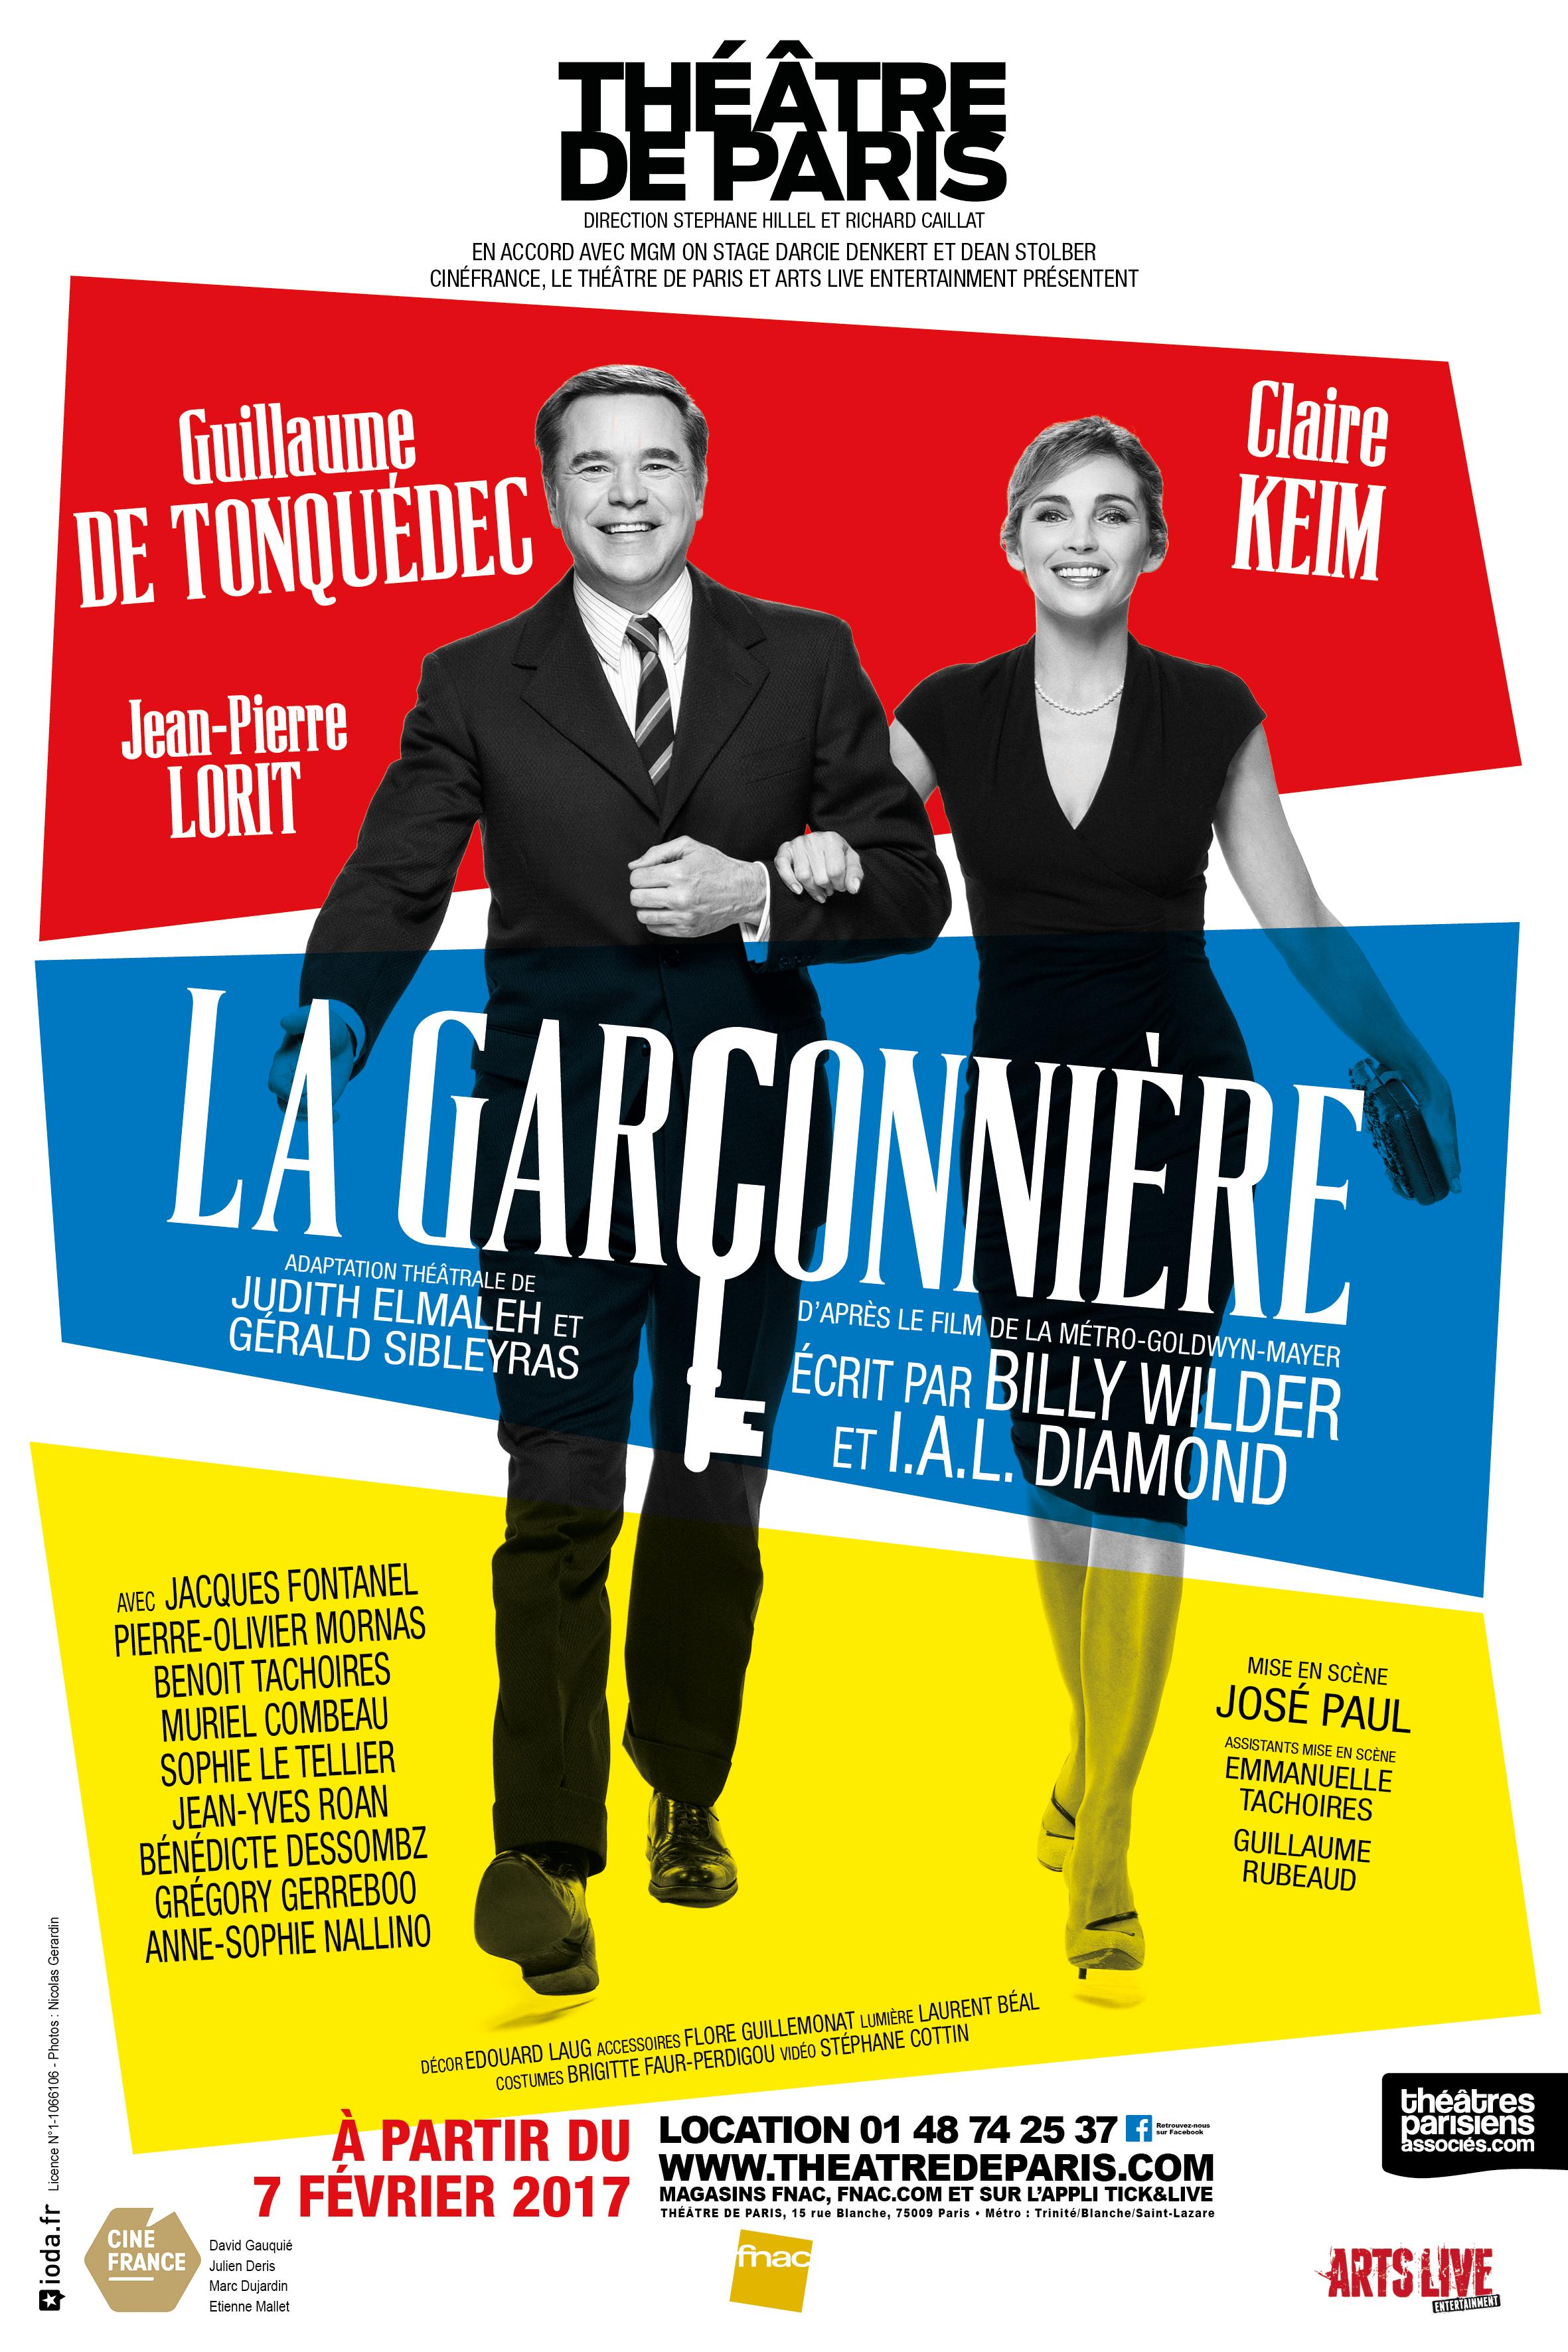 LA GARÇONNIÈRE, L'HISTOIRE D'UN SUCCÈS RACONTEE PAR DAVID GAUQUIE